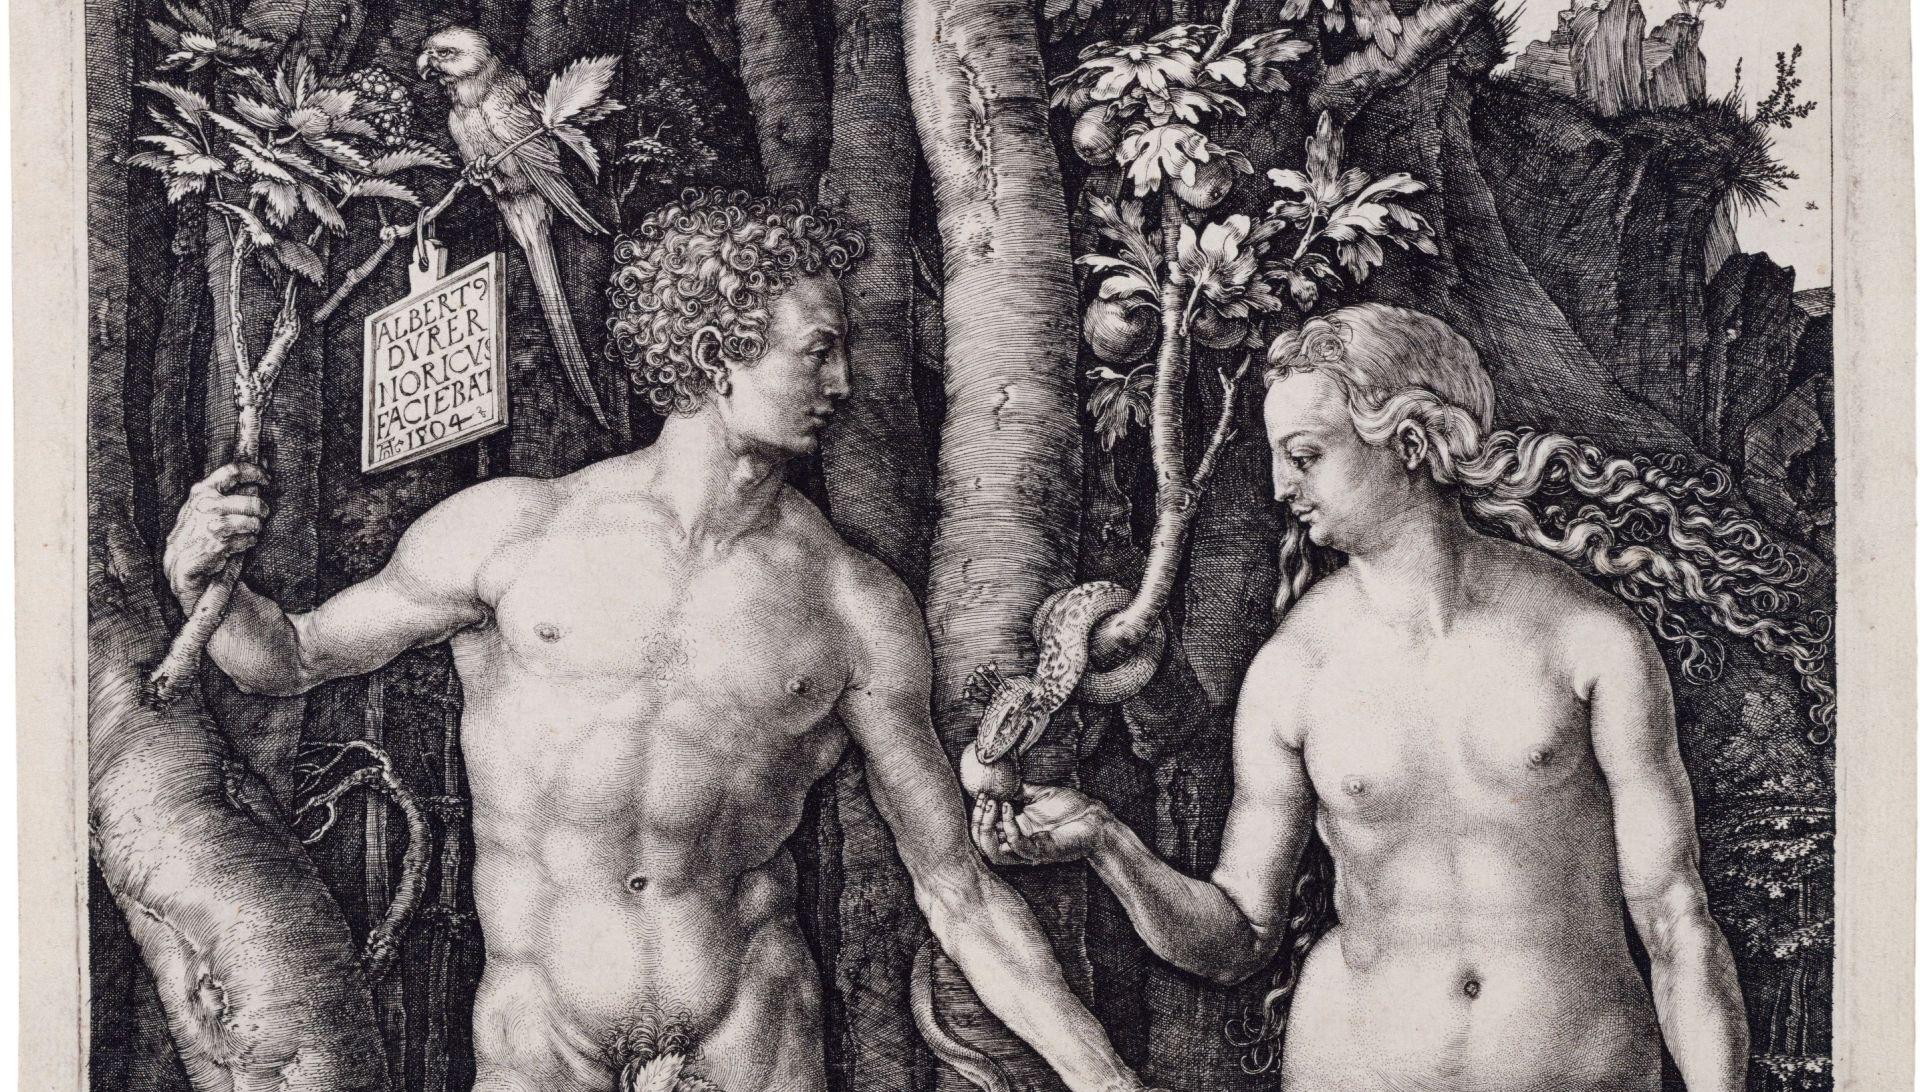 FELJTON Seksualnost kroz povijest